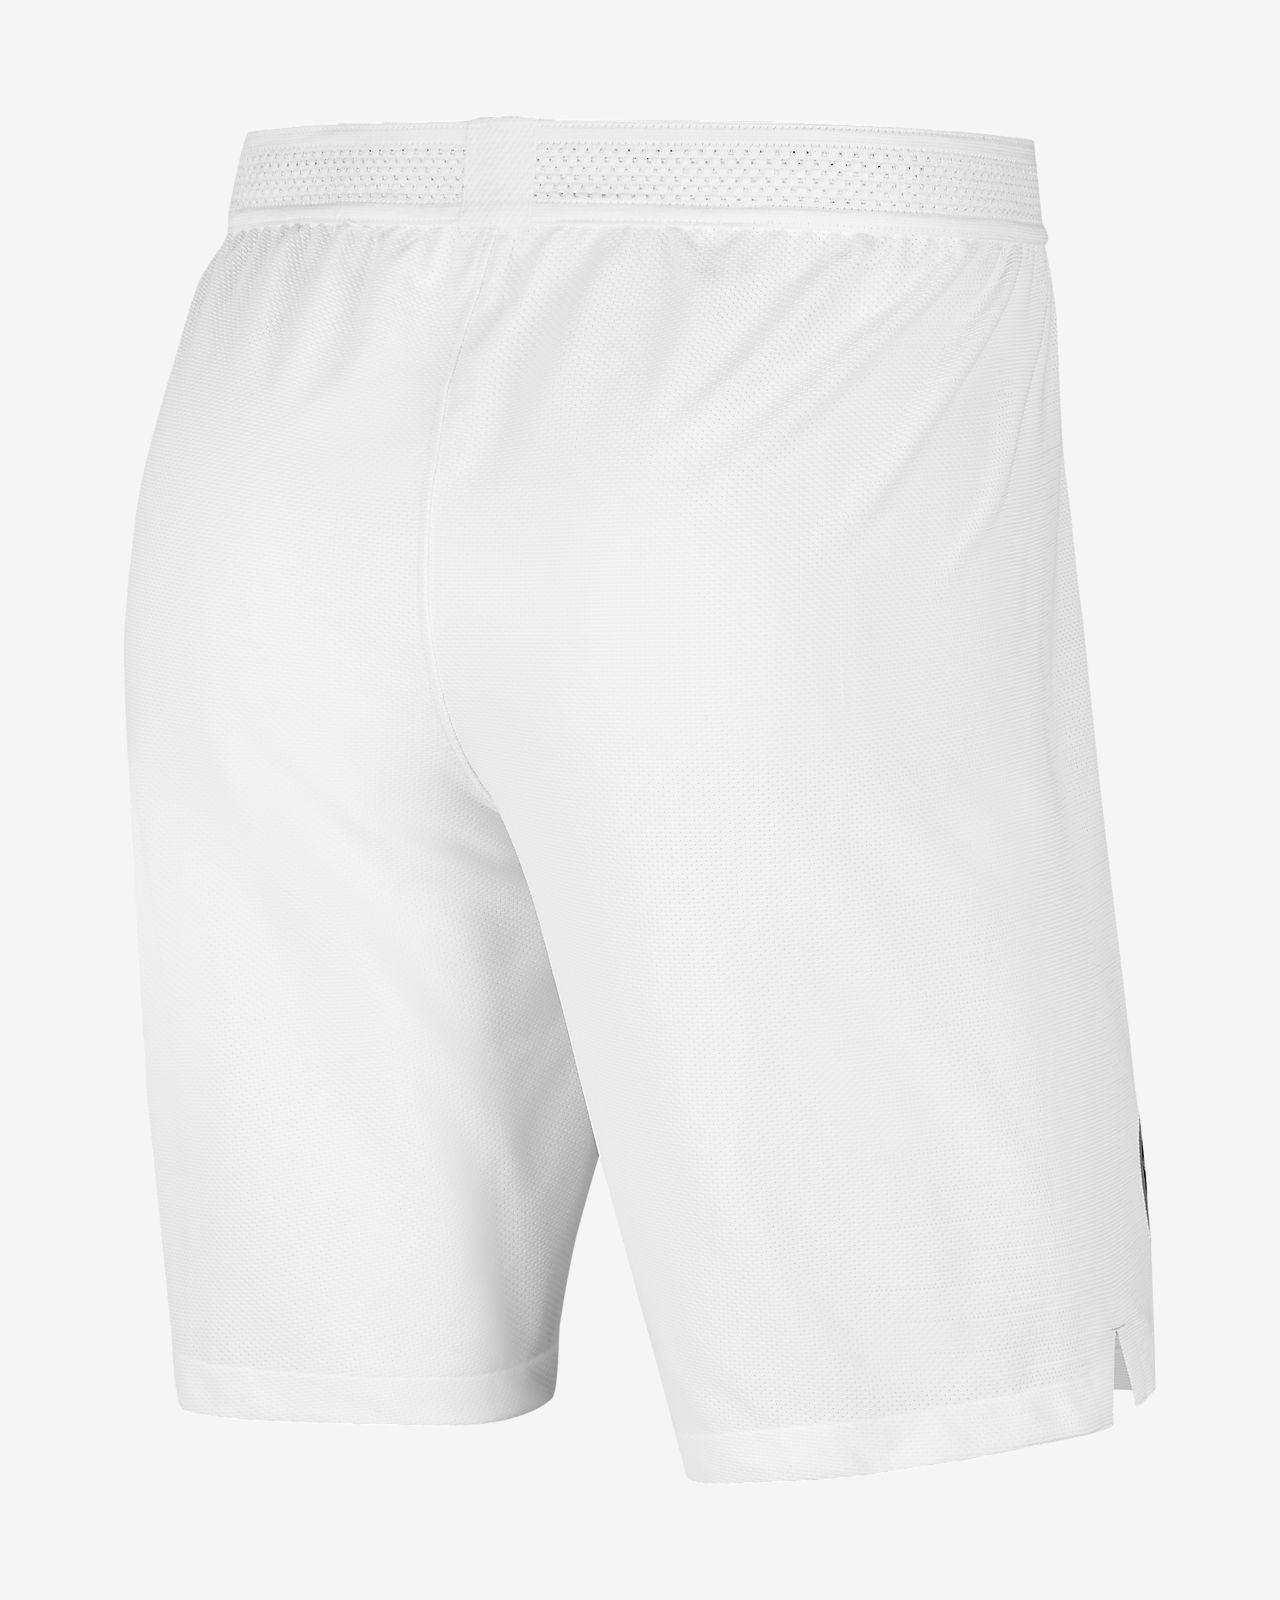 40543a06613 Chelsea FC 2019/20 Vapor Match Home/Away Men's Football Shorts